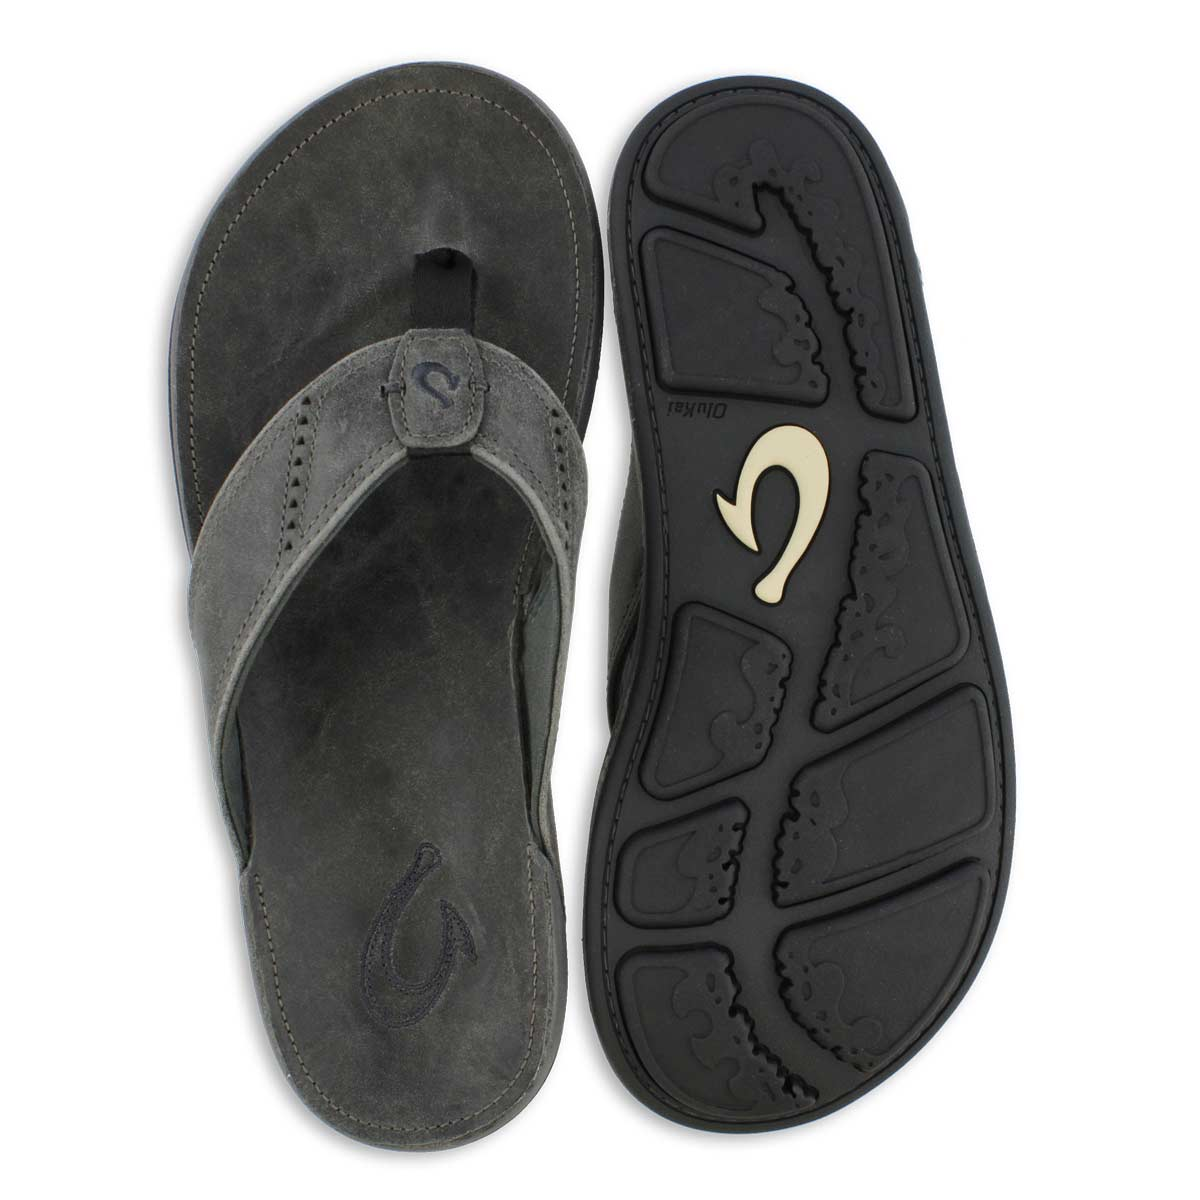 Mns Nui lava rock thong sandal